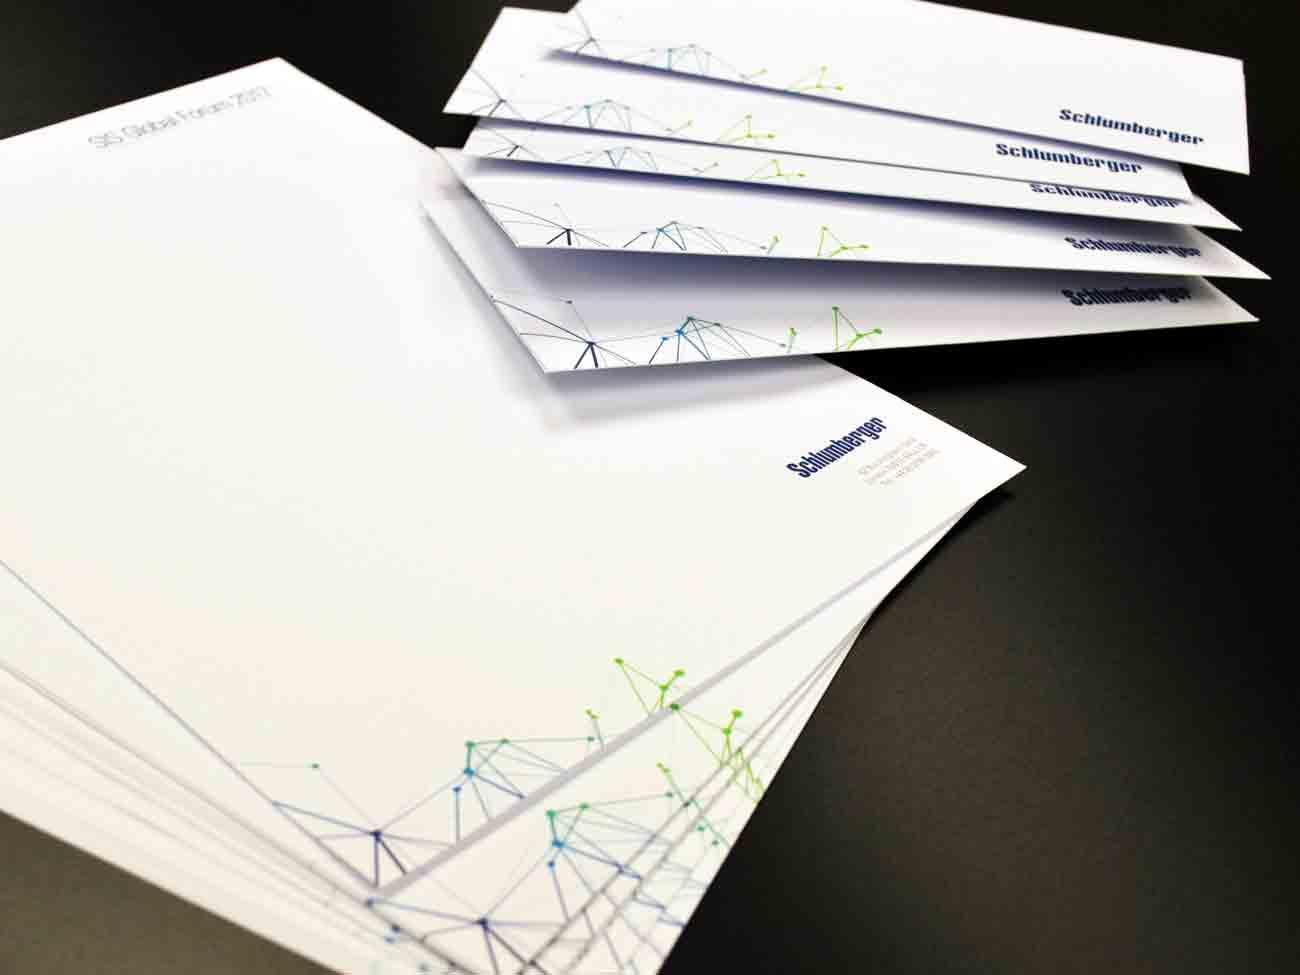 Letterheads and envelopes